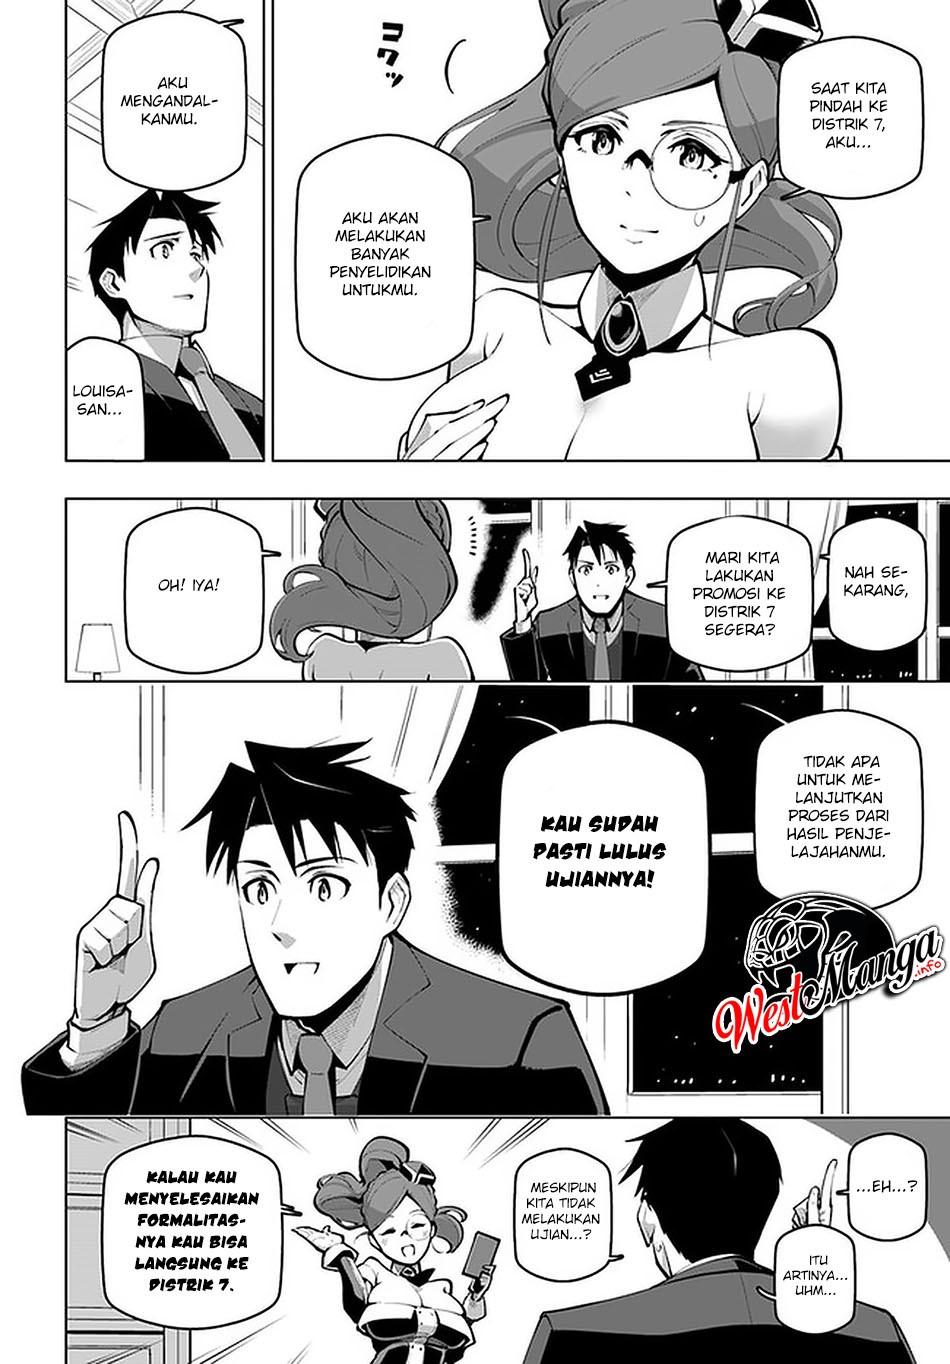 Sekai Saikyou no Kouei: Meikyuukoku no Shinjin Tansakusha: Chapter 18.2 - Page 10